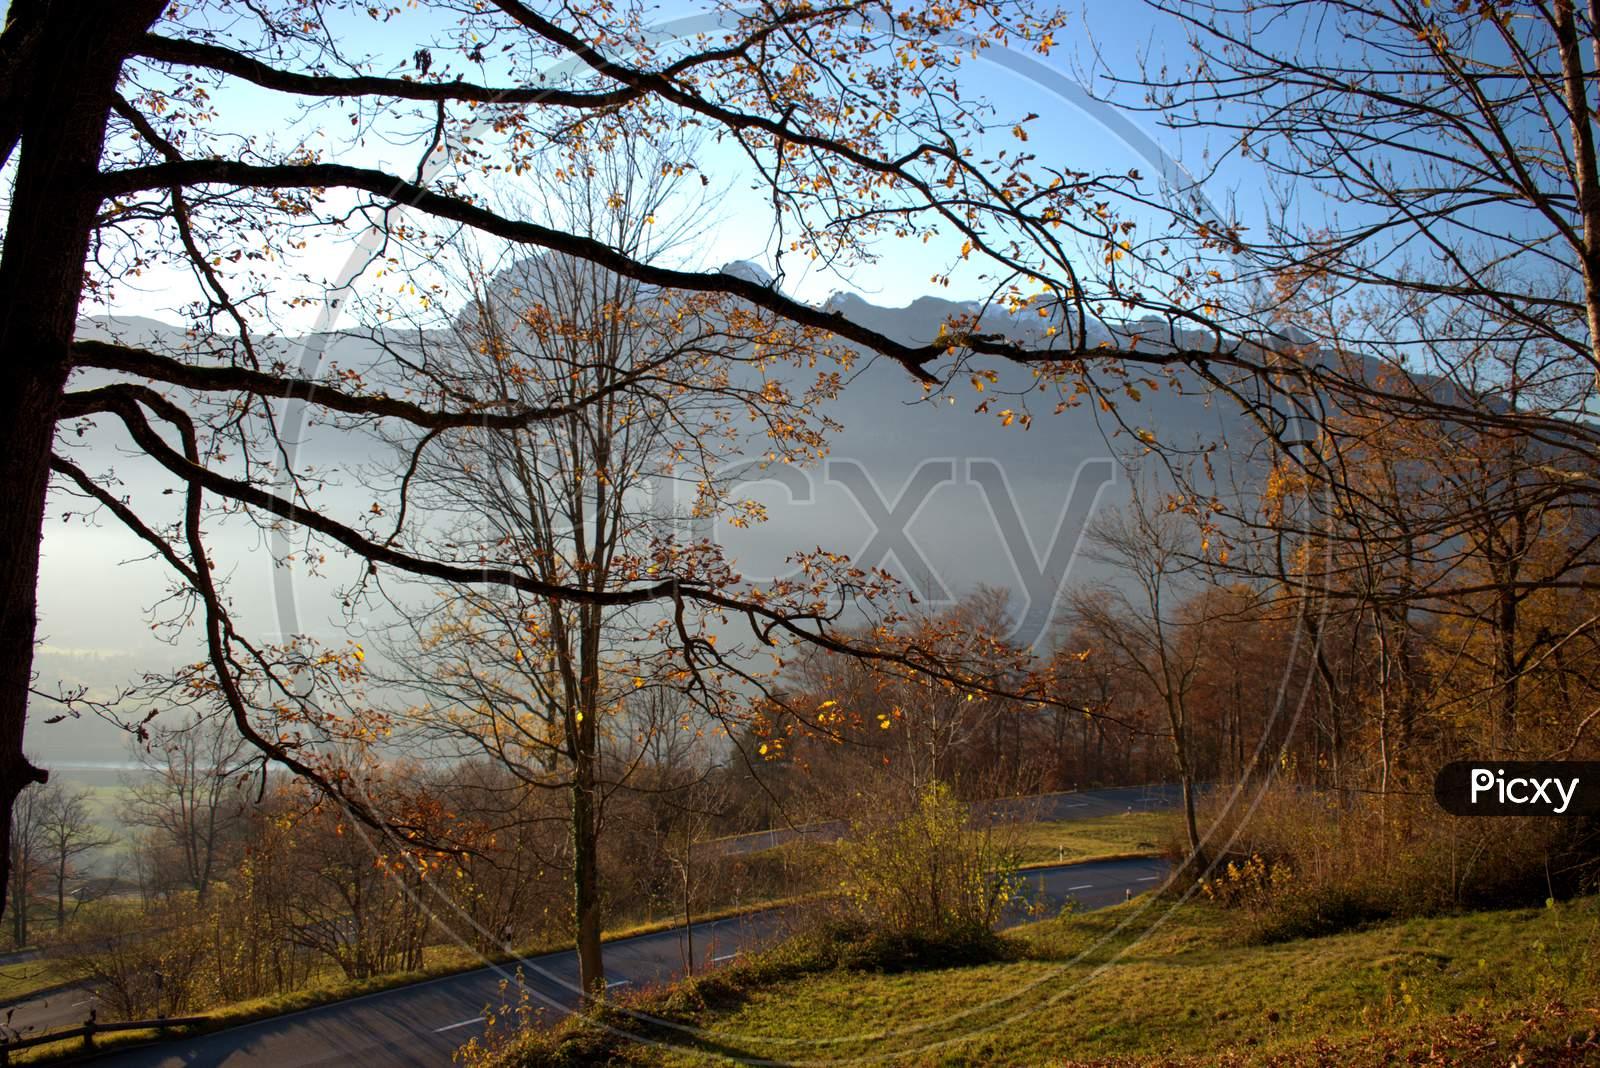 Colorful autumn scenery in Triesenberg in Liechtenstein 18.11.2020